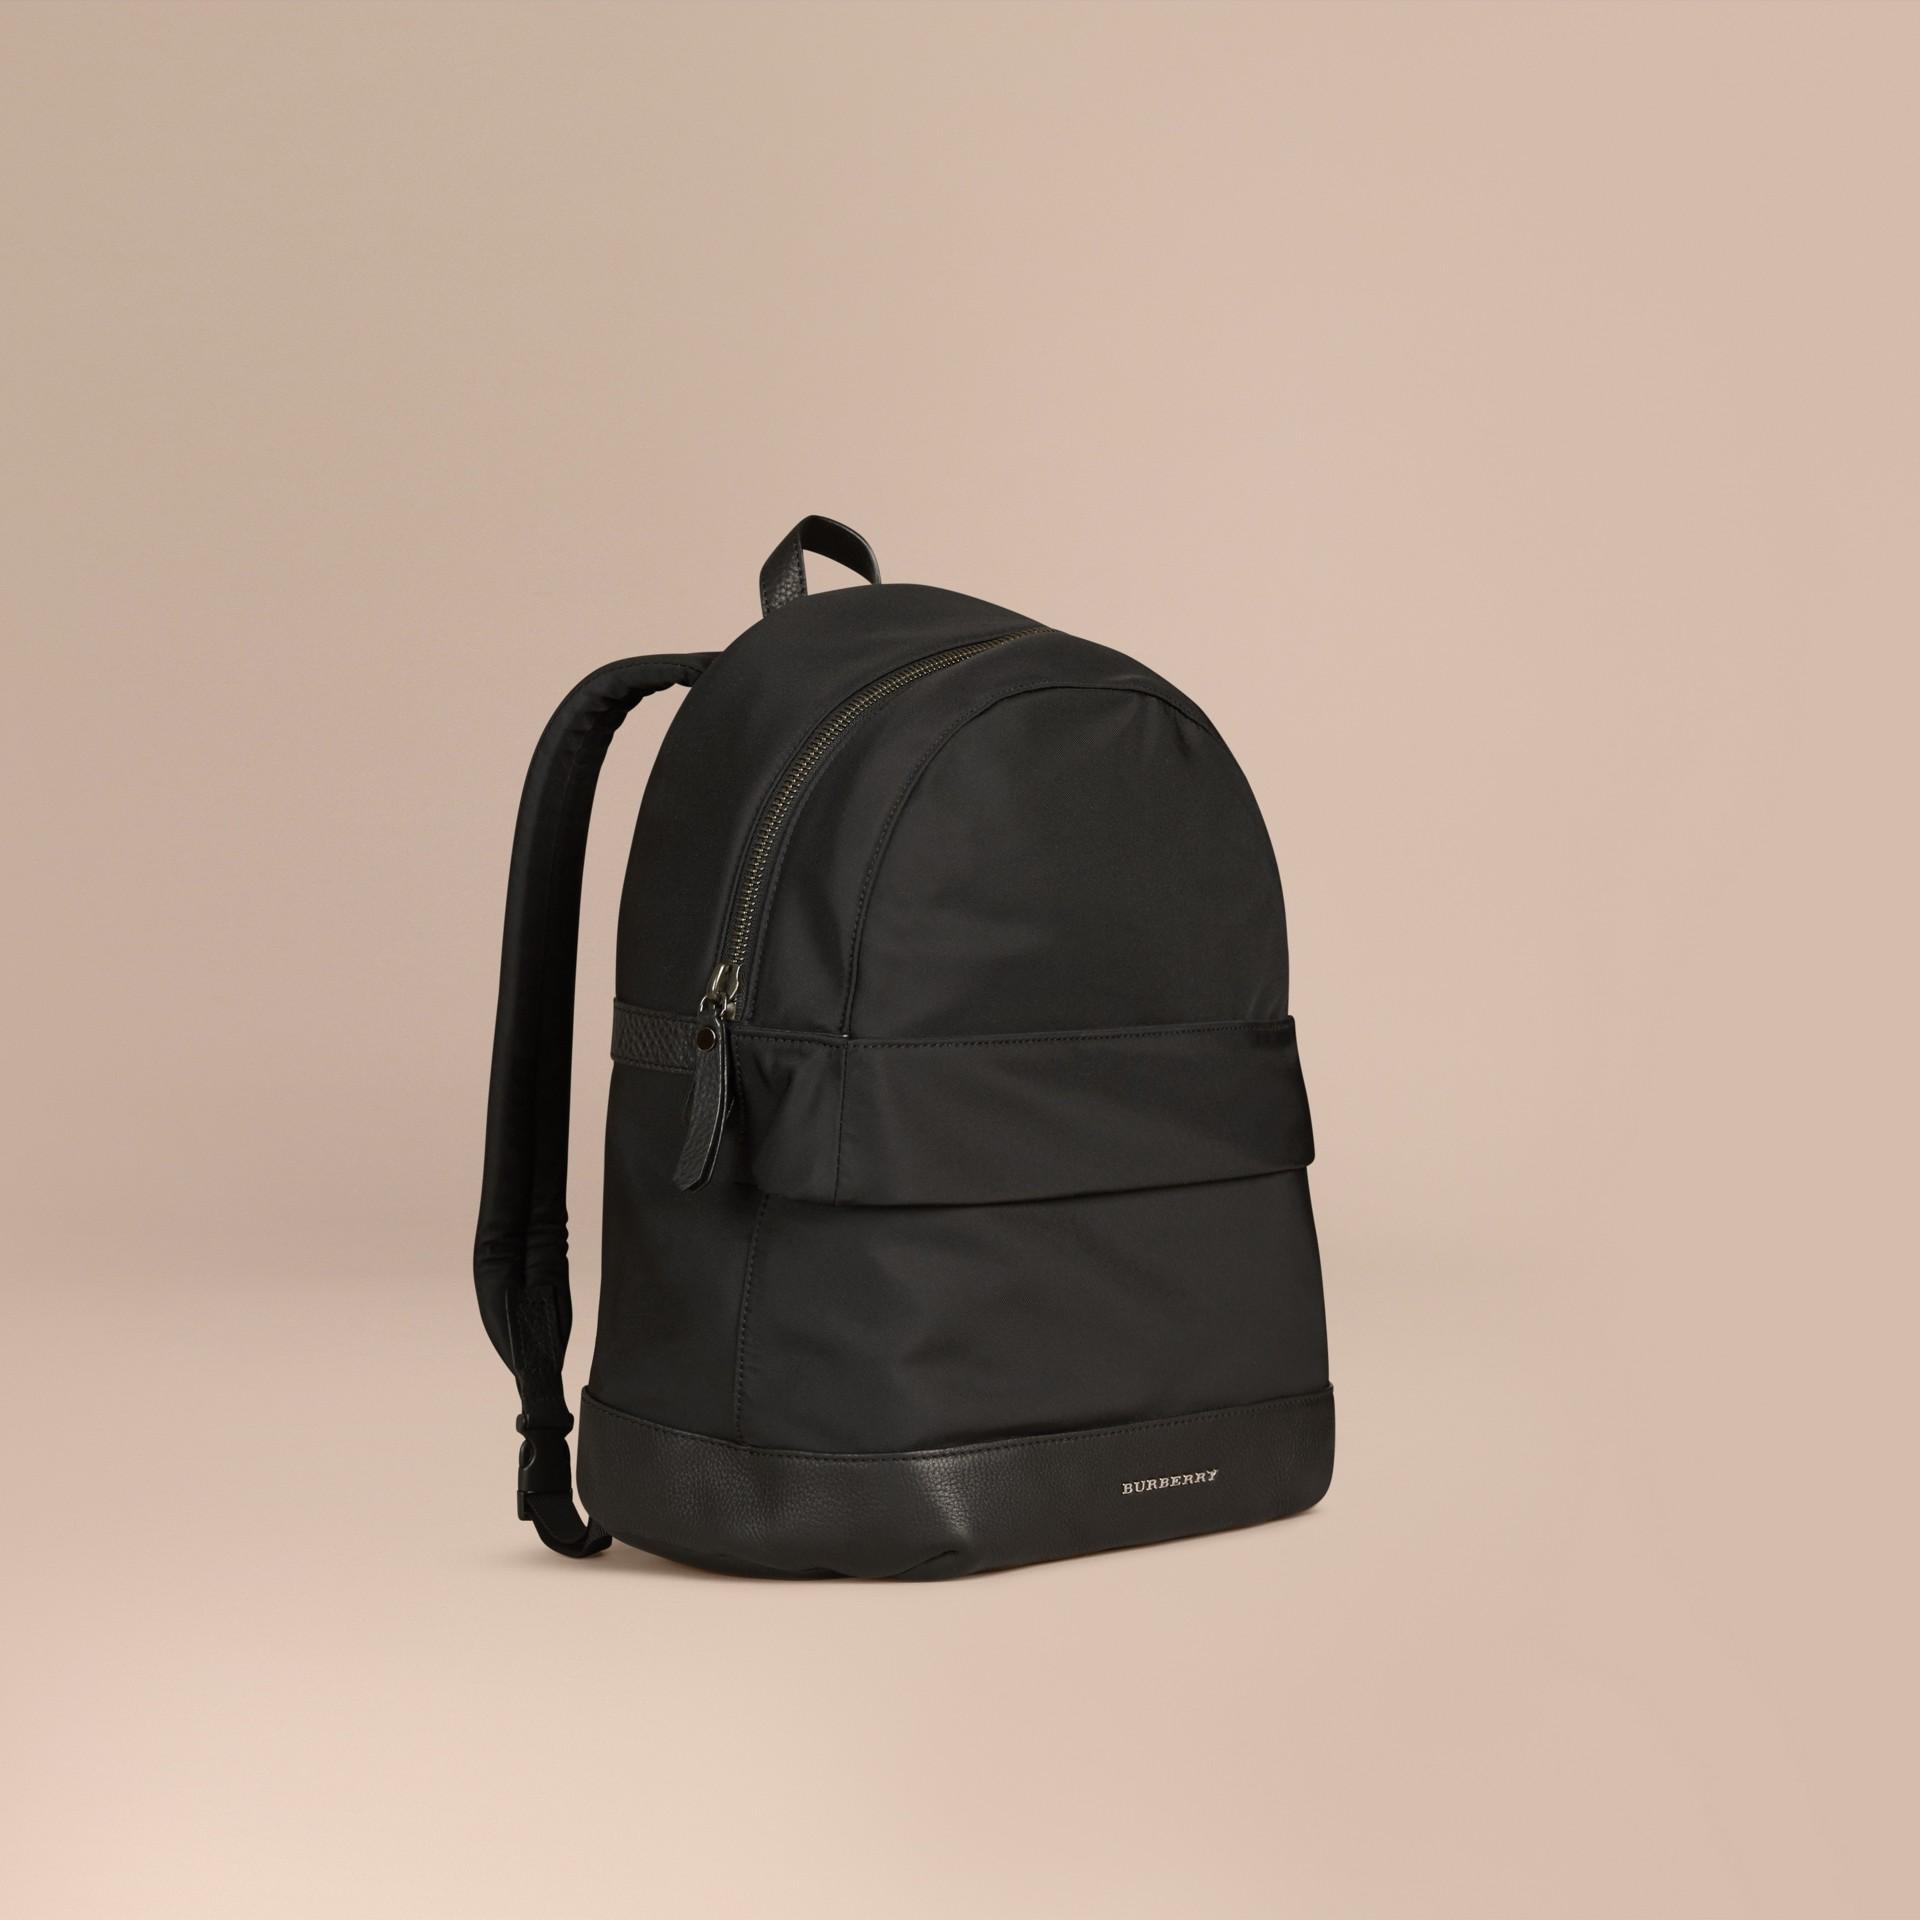 黑色 皮革細節設計尼龍後背包 - 圖庫照片 1